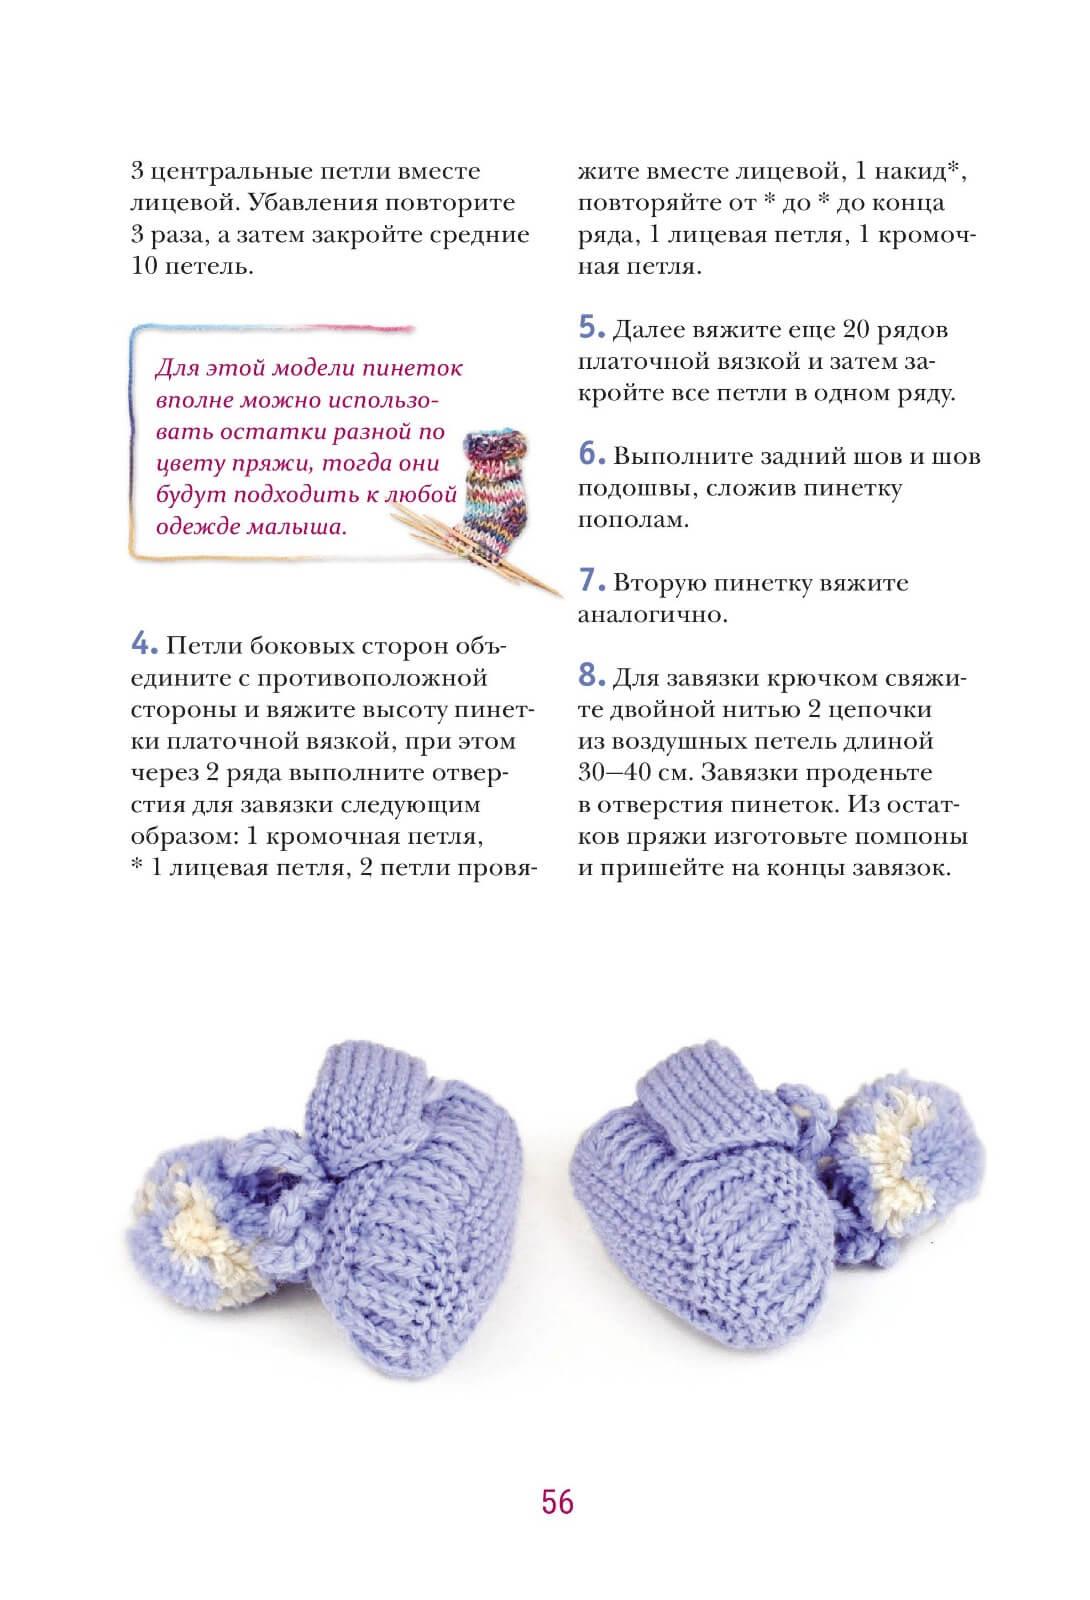 Вязаные носочки для новорожденных, подборка схем и описаний